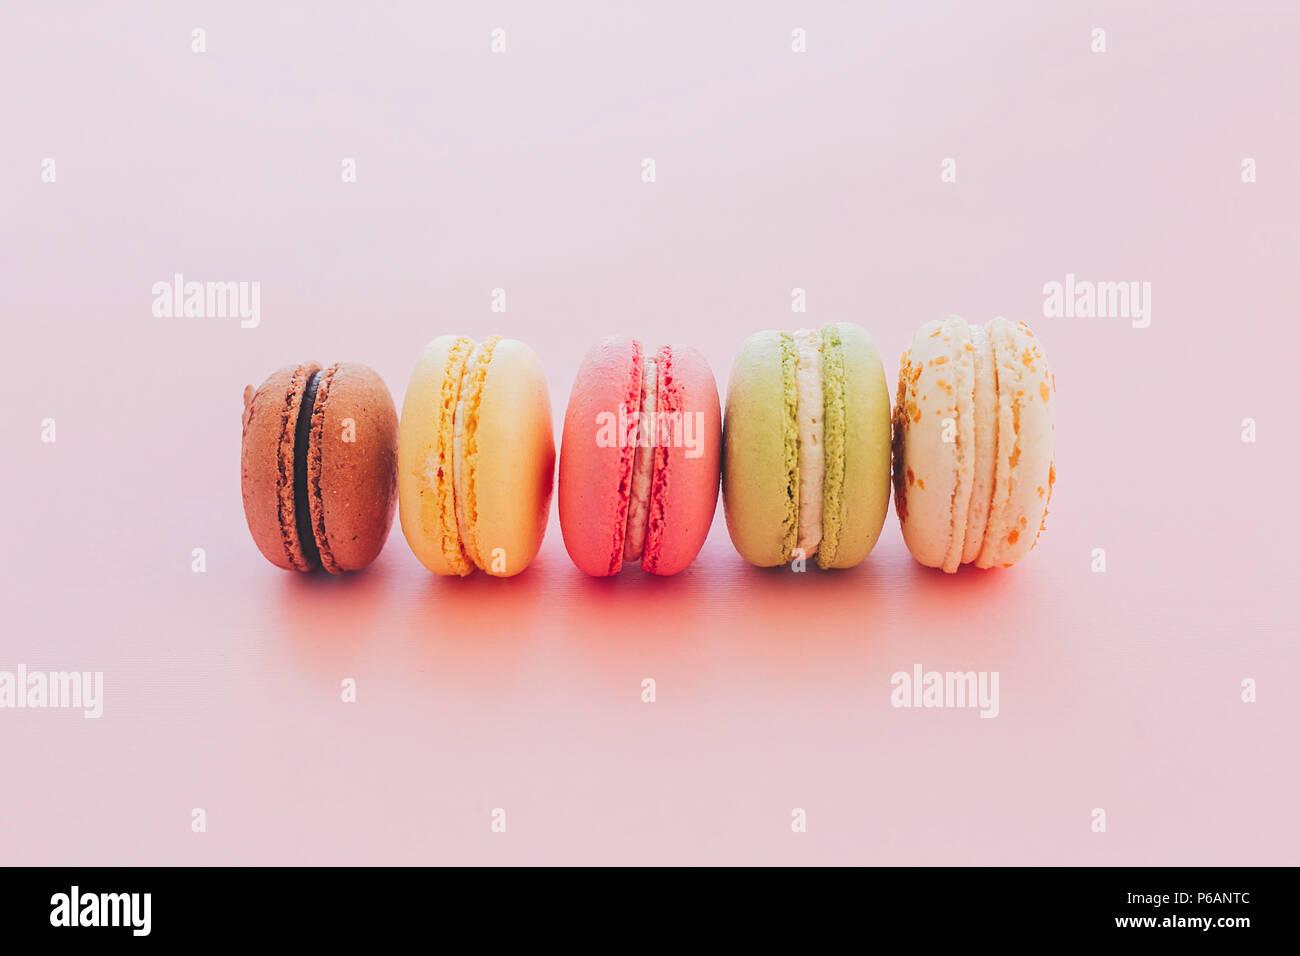 Macarons colorés de style branché sur du papier rose. Un espace réservé au texte.délicieux rose, jaune, vert, blanc, marron macarons. yummy. arrière-plan de l'alimentation moderne photographe Photo Stock